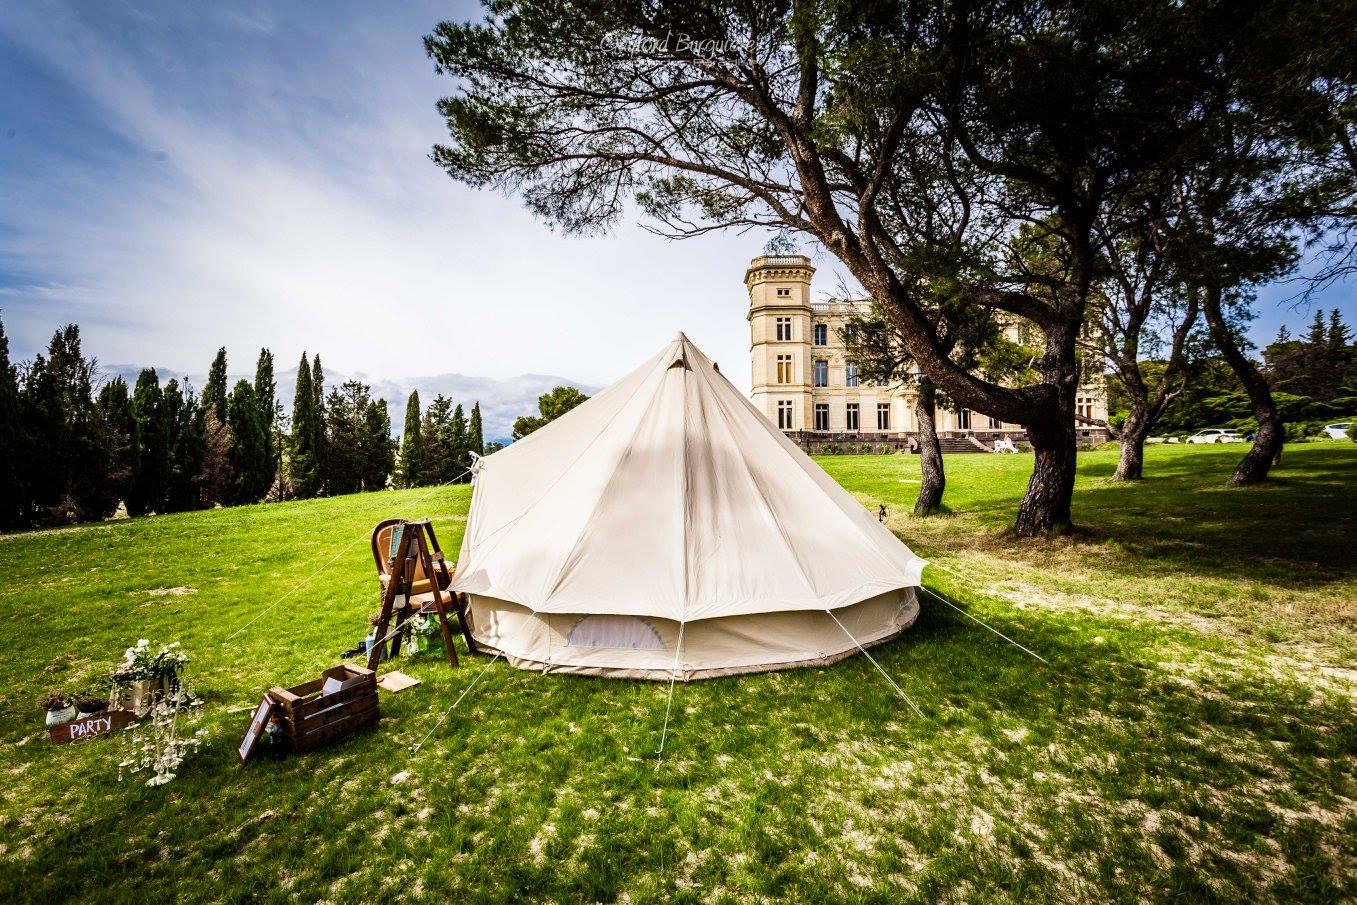 Camping at Camping at Chateau de Seriege